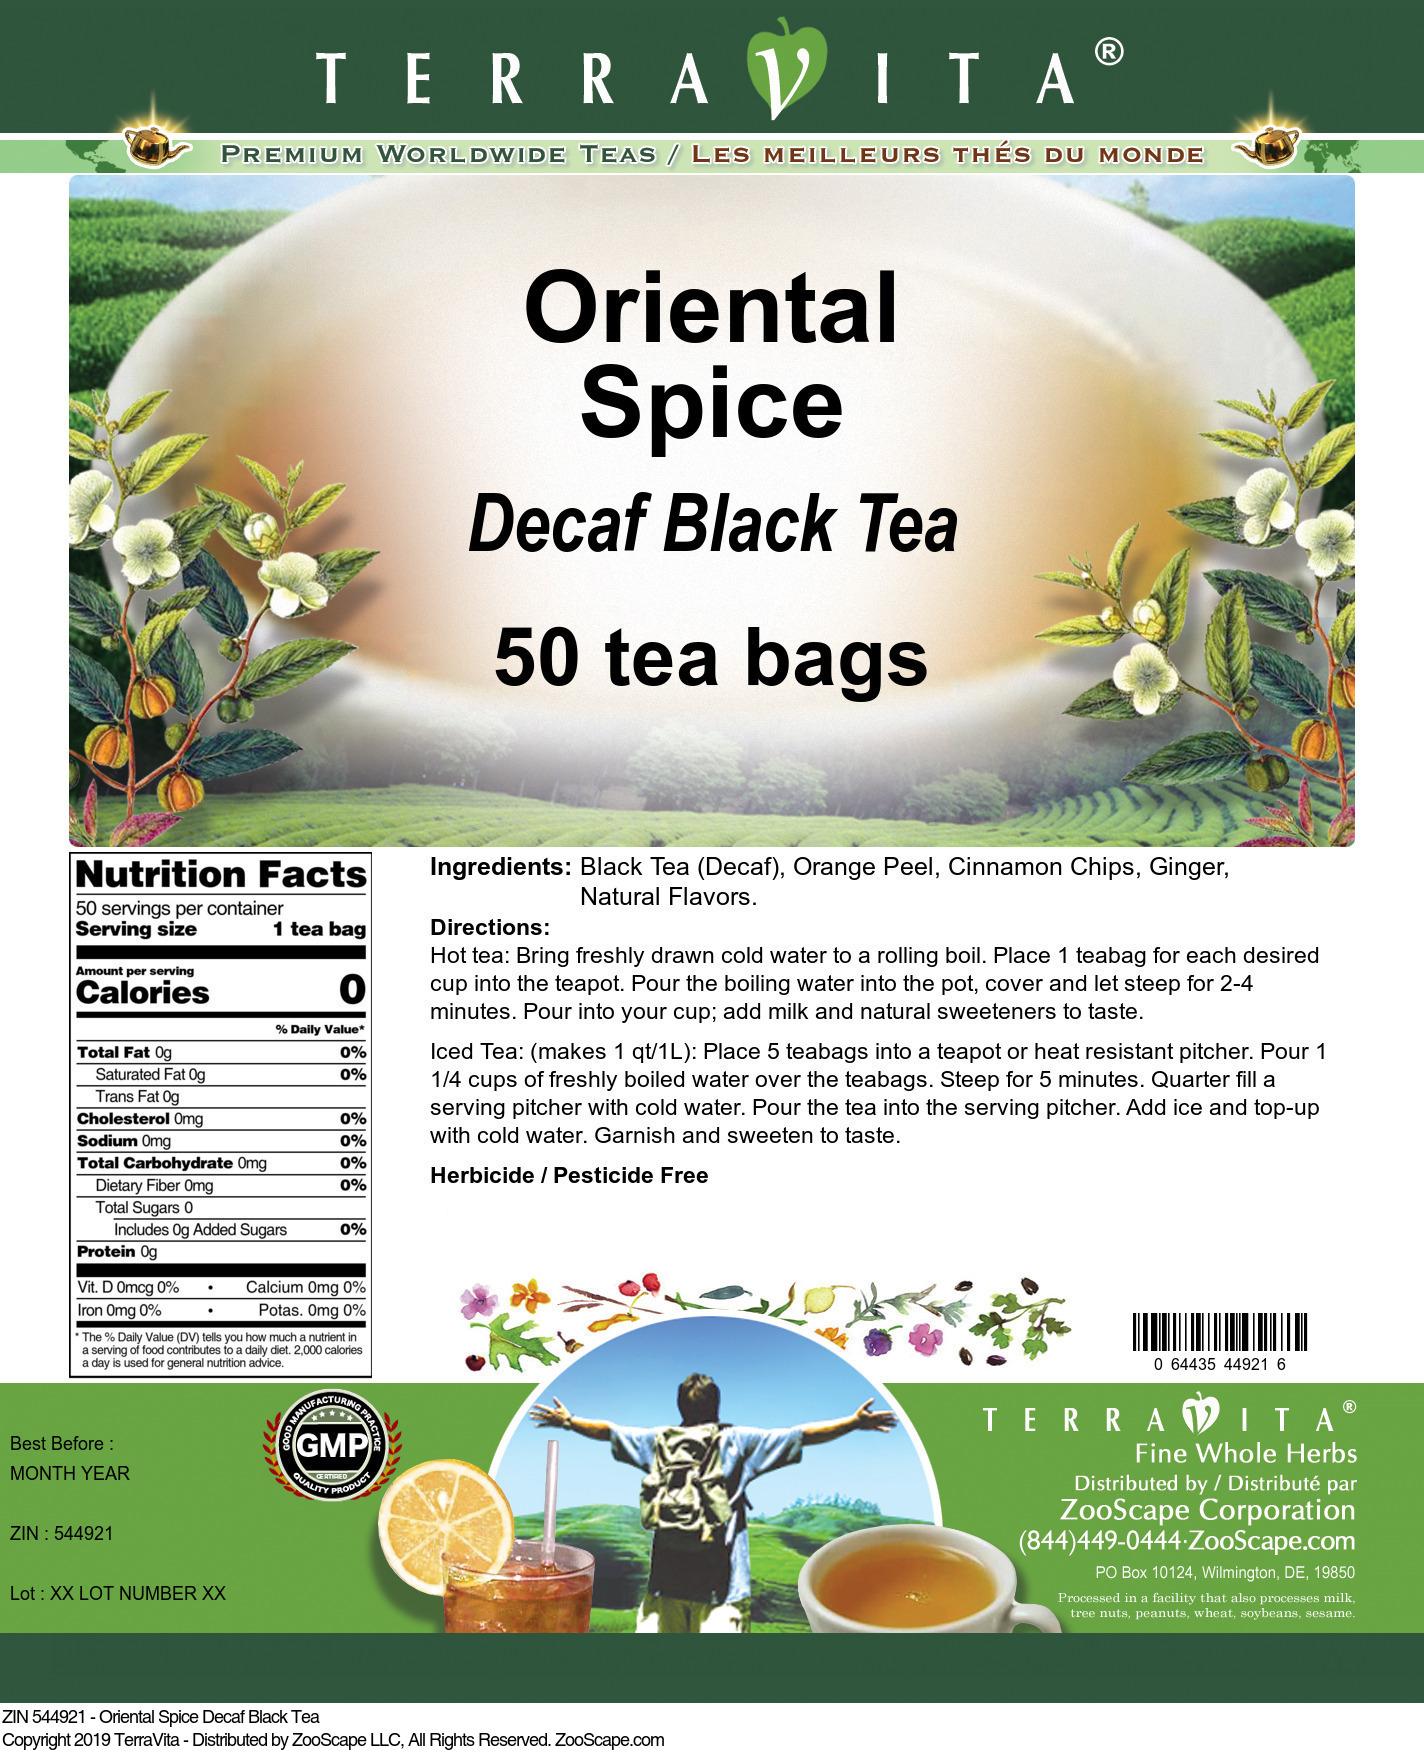 Oriental Spice Decaf Black Tea